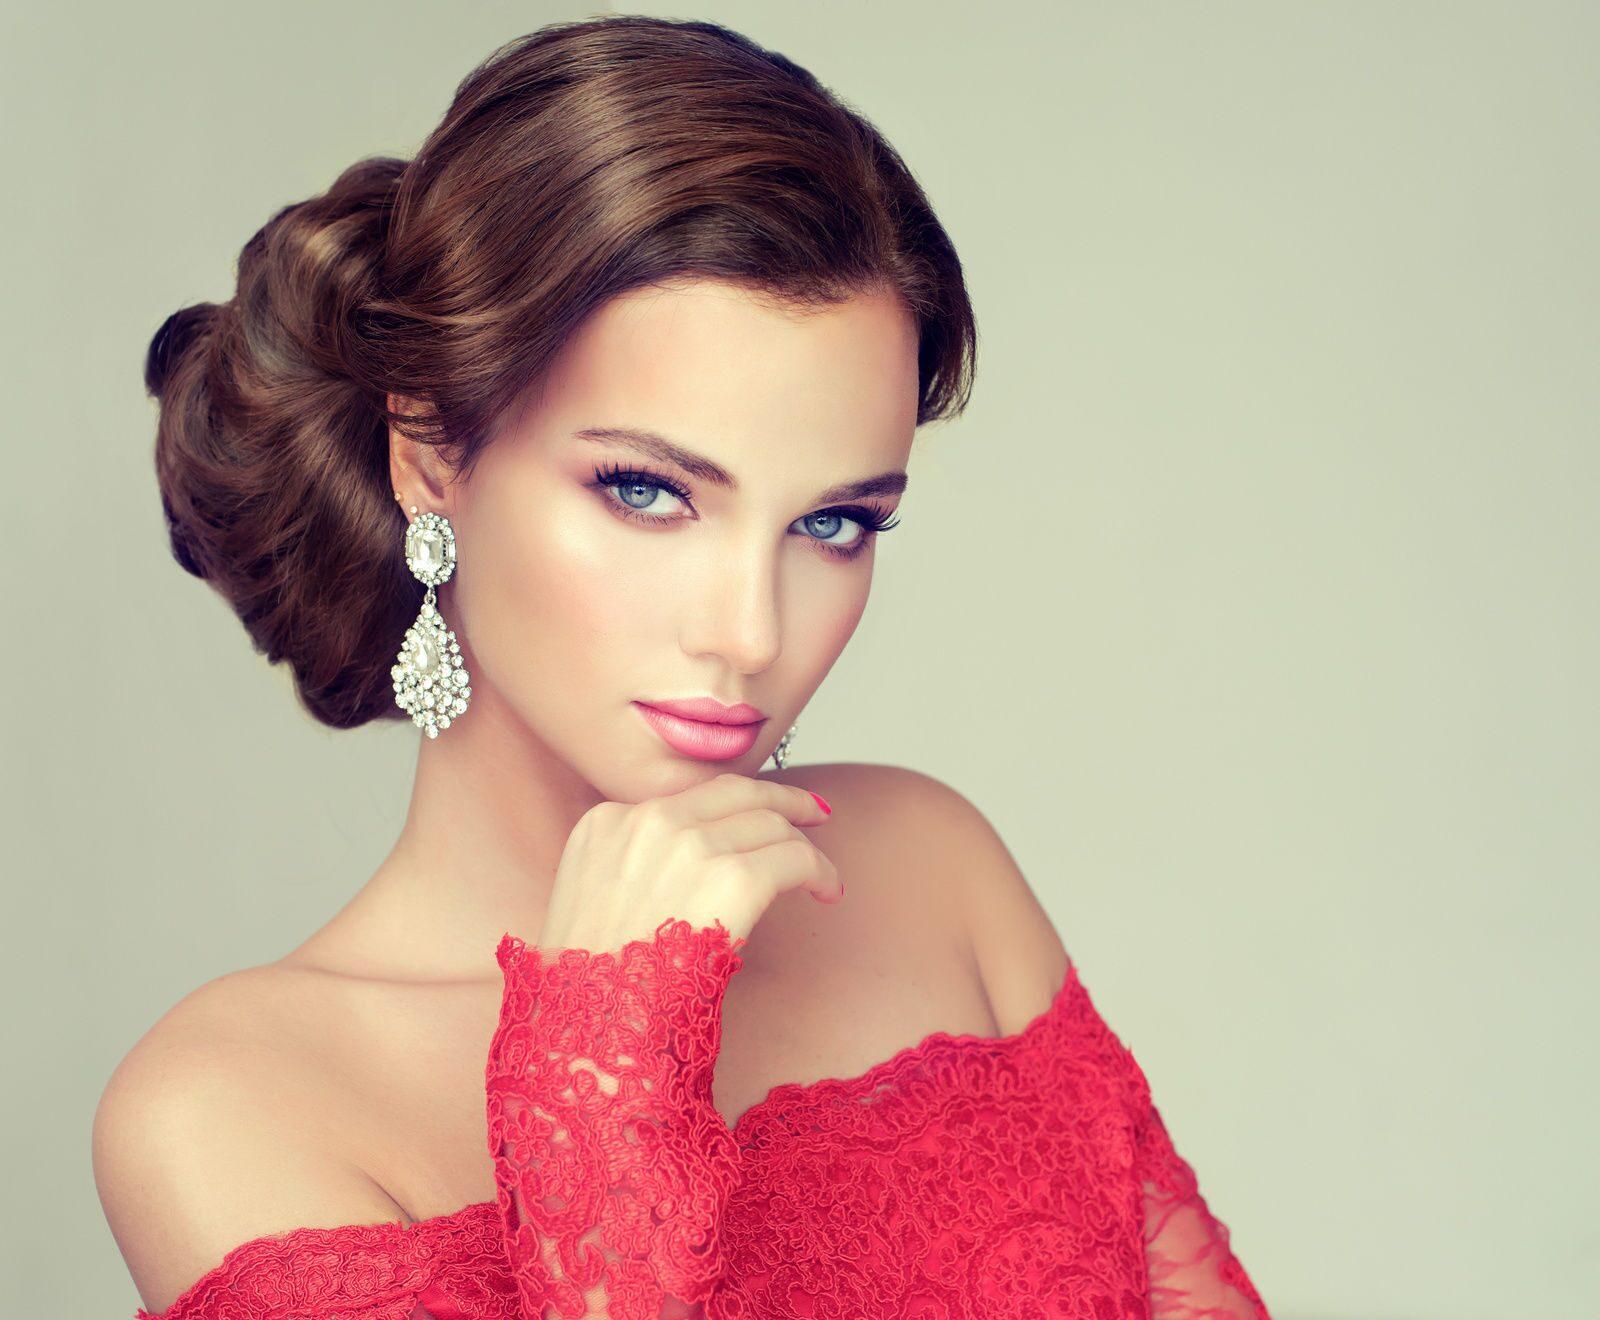 Розовое платье и макияж